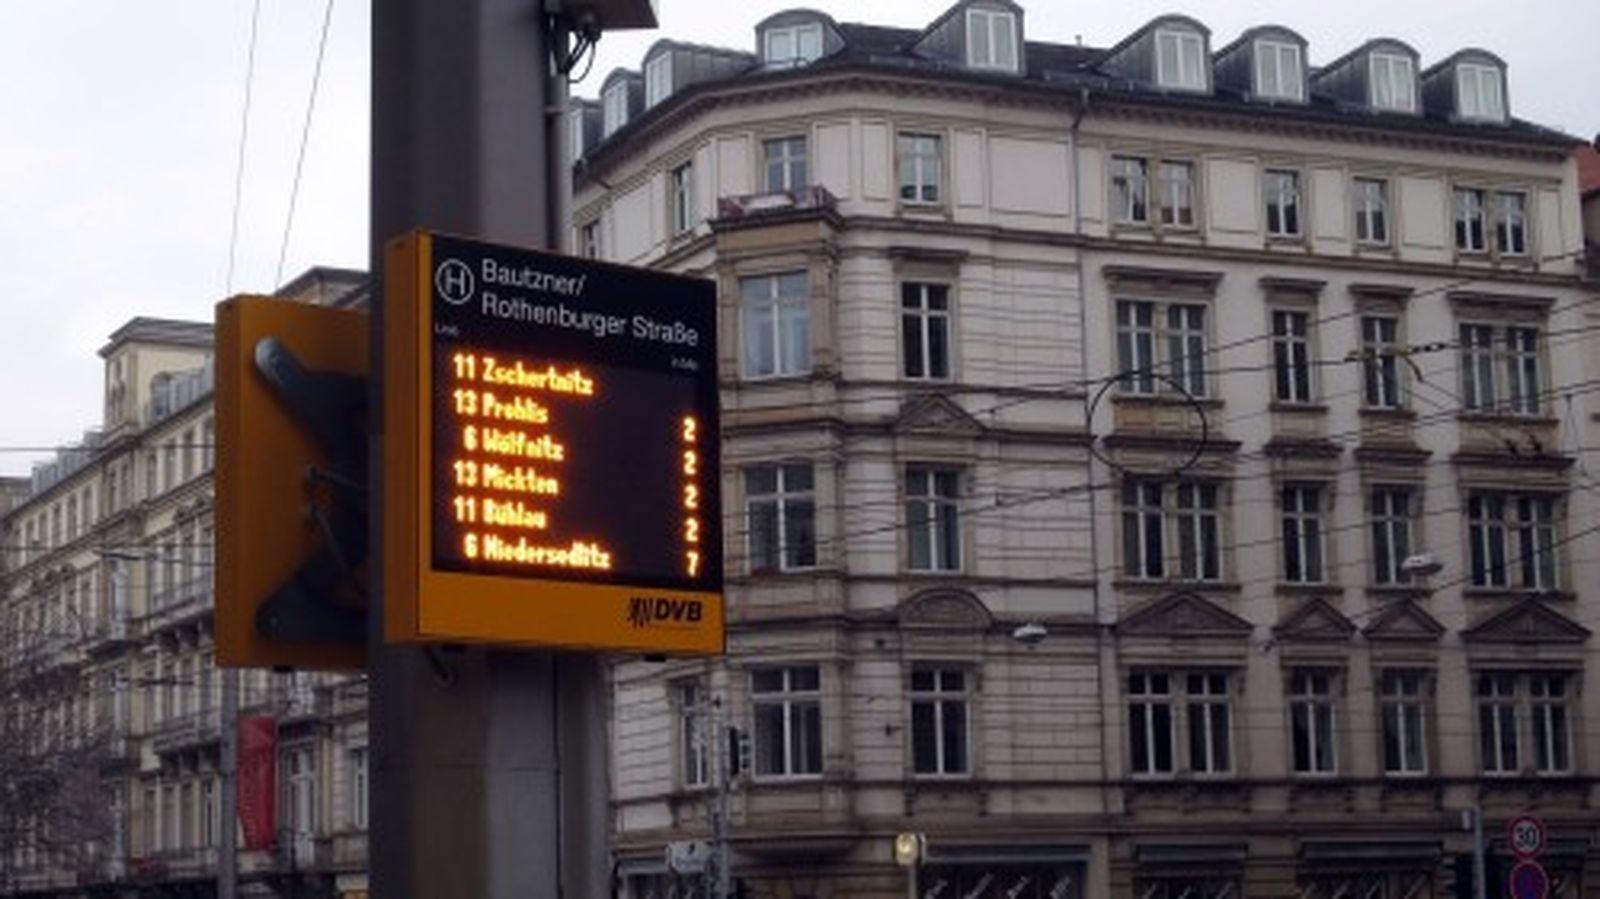 Dynamische Fahrgastinformation oder: wann kommt die Bahn?